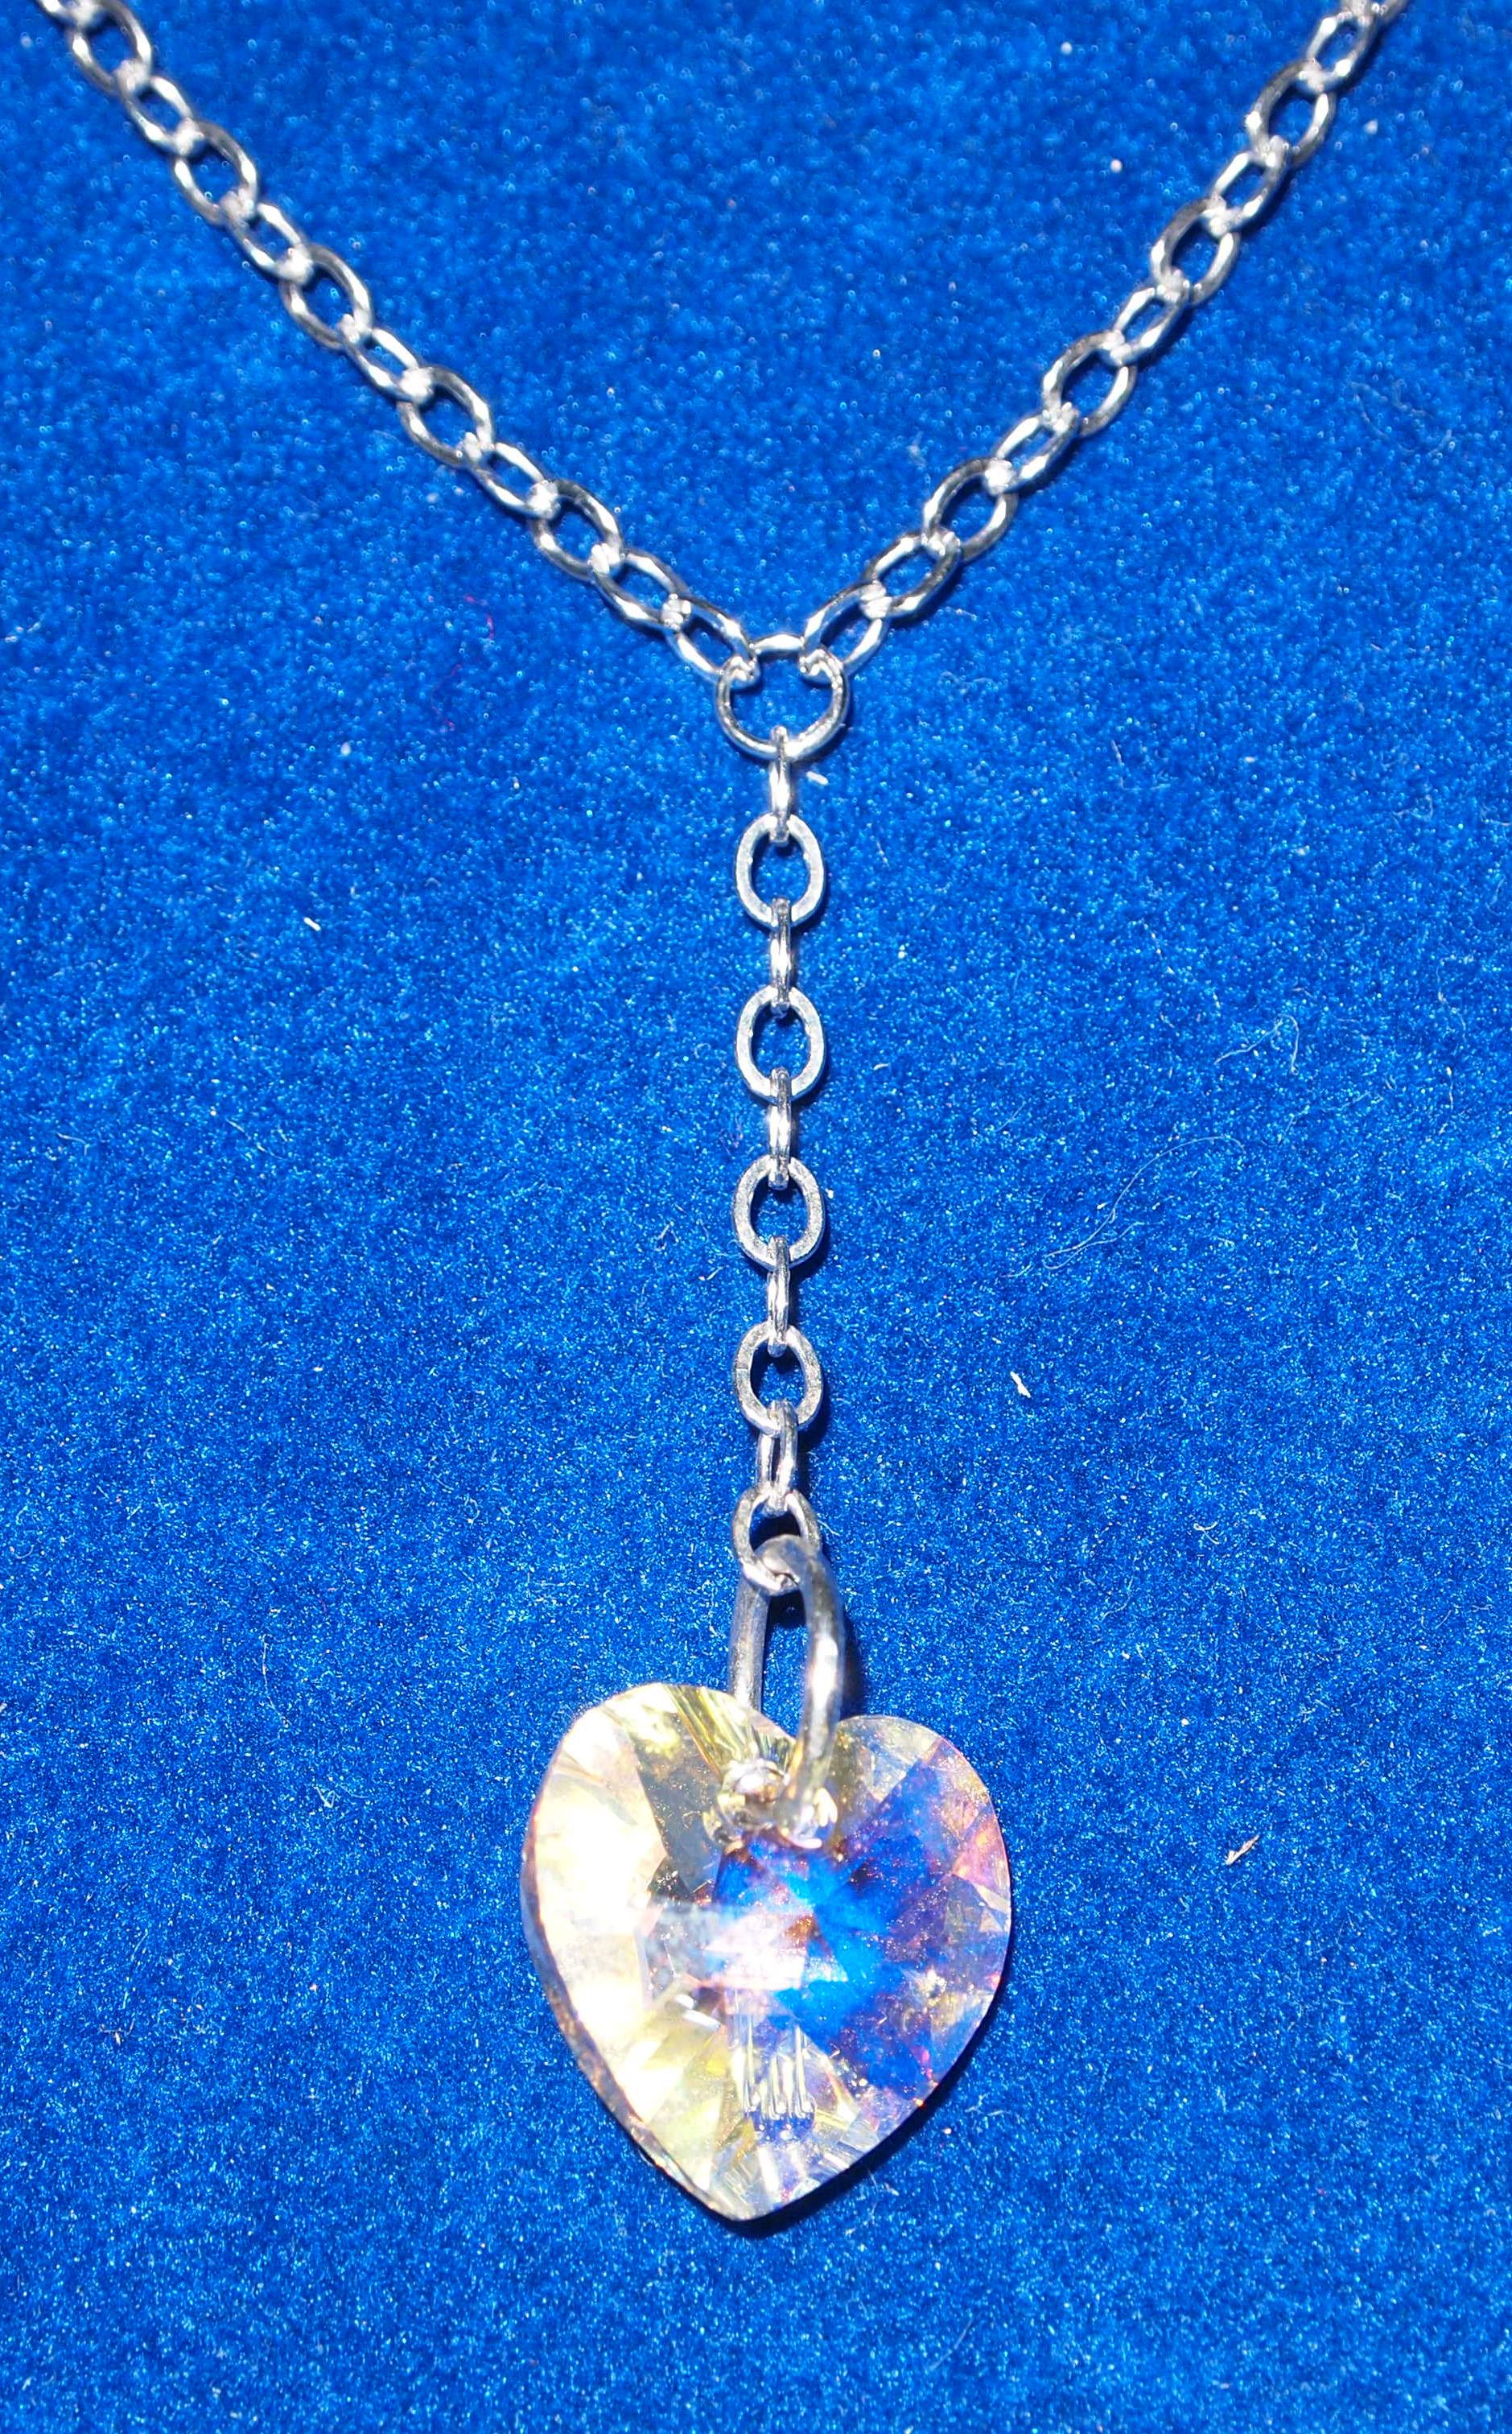 Stříbrný náhrdelník SWAROVSKI - srdce BIS41 720724141b5